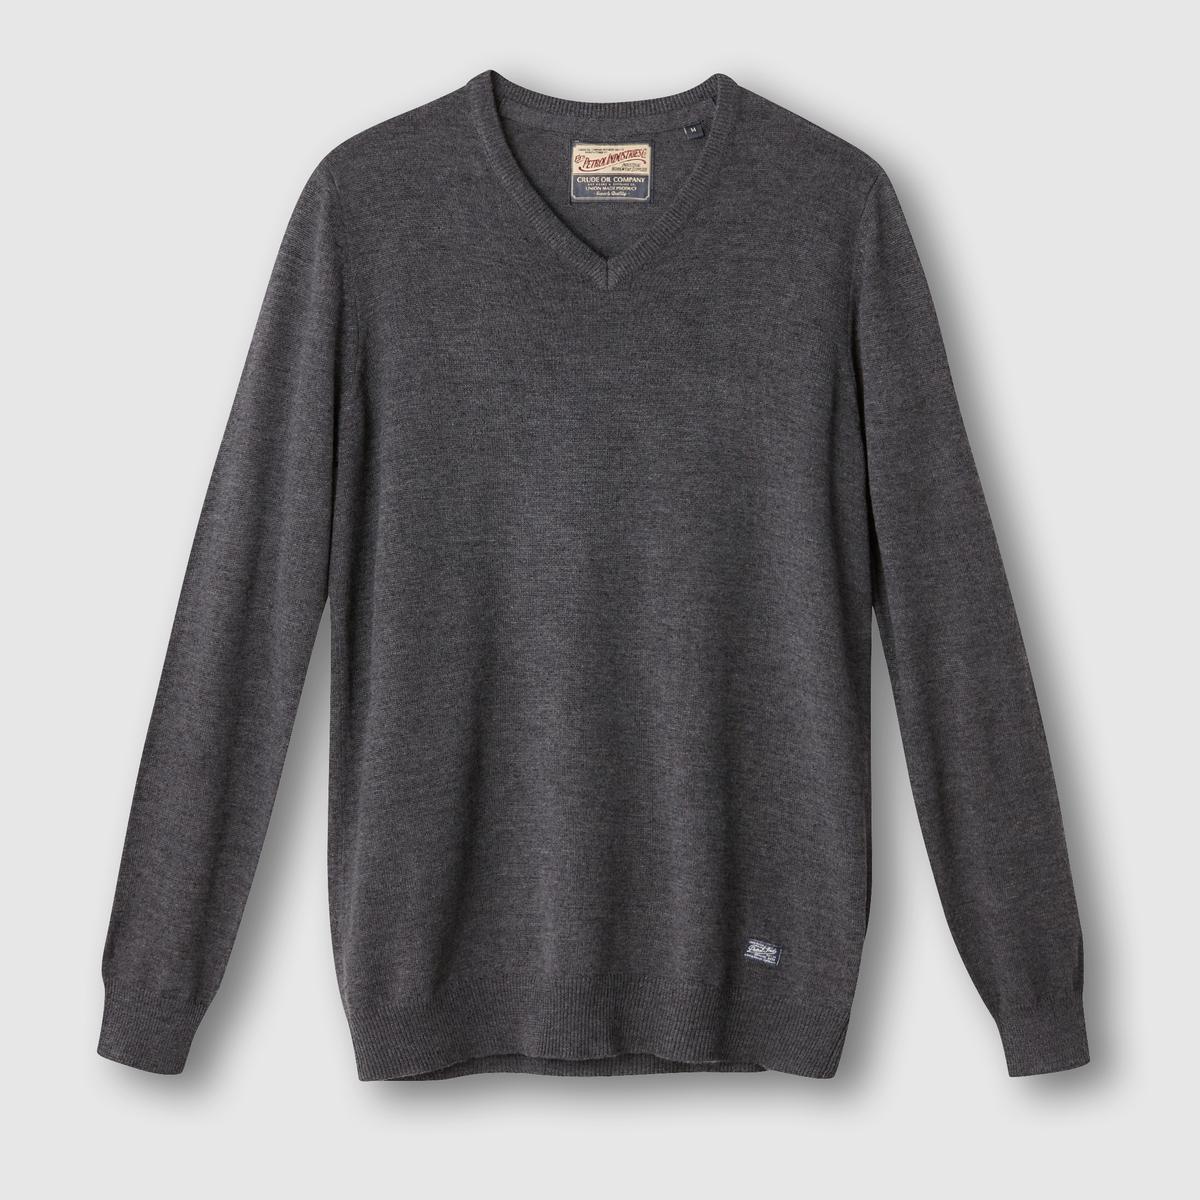 Пуловер с V-образным вырезомСостав и описание:Материал: 50% акрила, 50% хлопка.Марка: PETROL INDUSTRIES.<br><br>Цвет: каштановый меланж